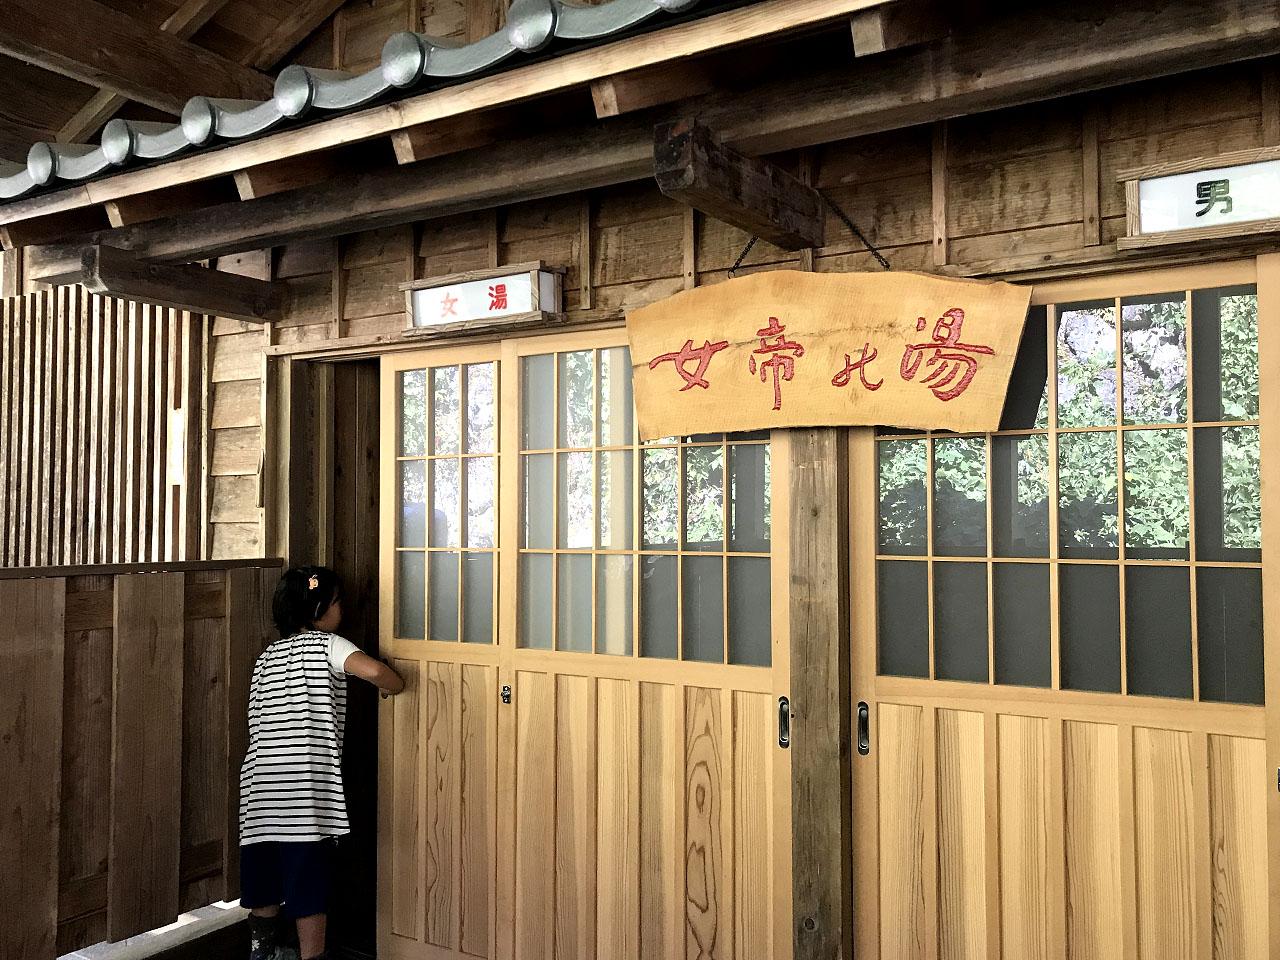 奈良田湖温泉女帝の湯